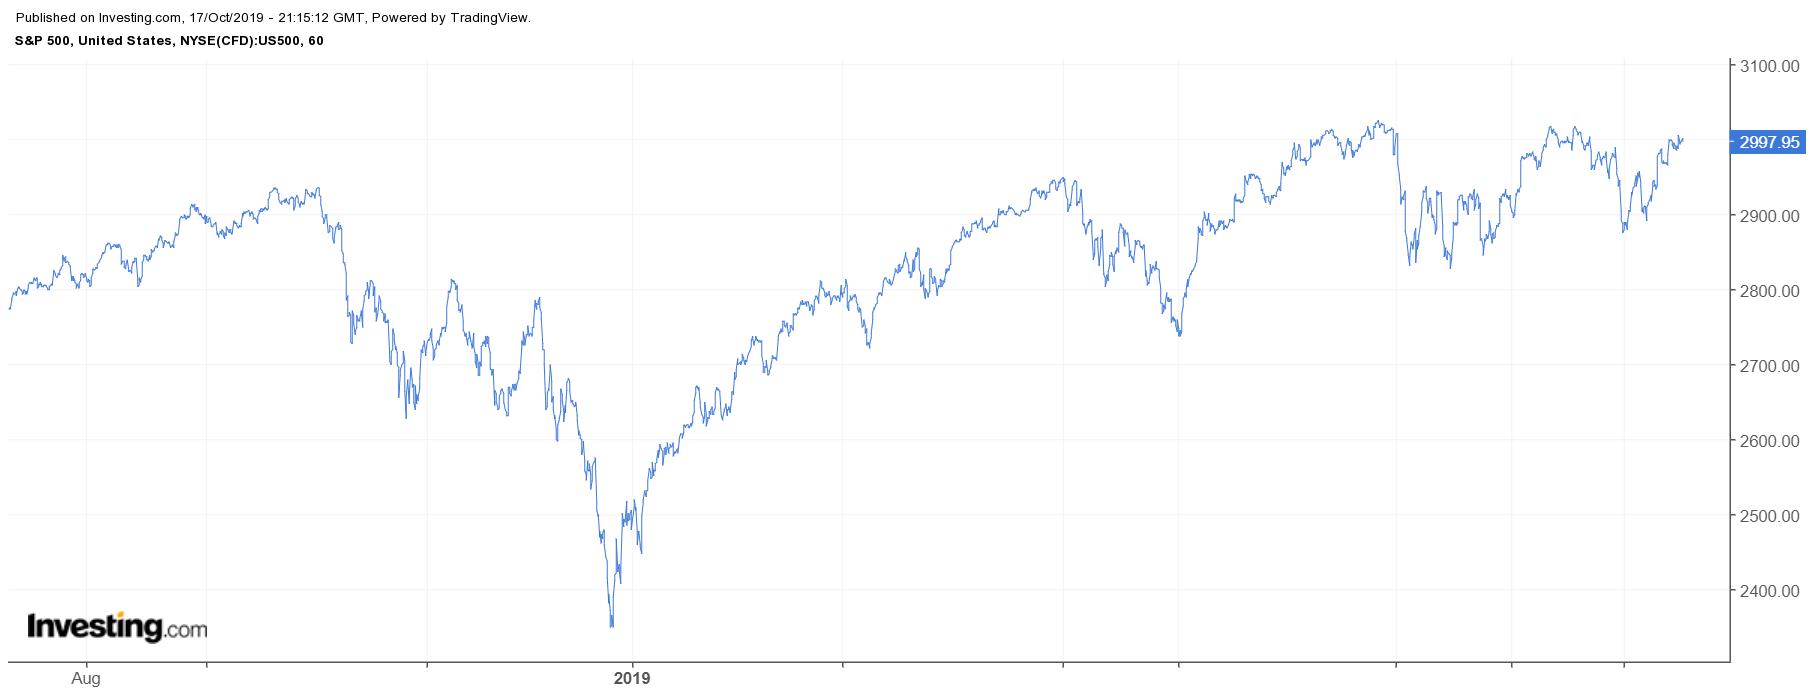 S&P 500 60 minutos